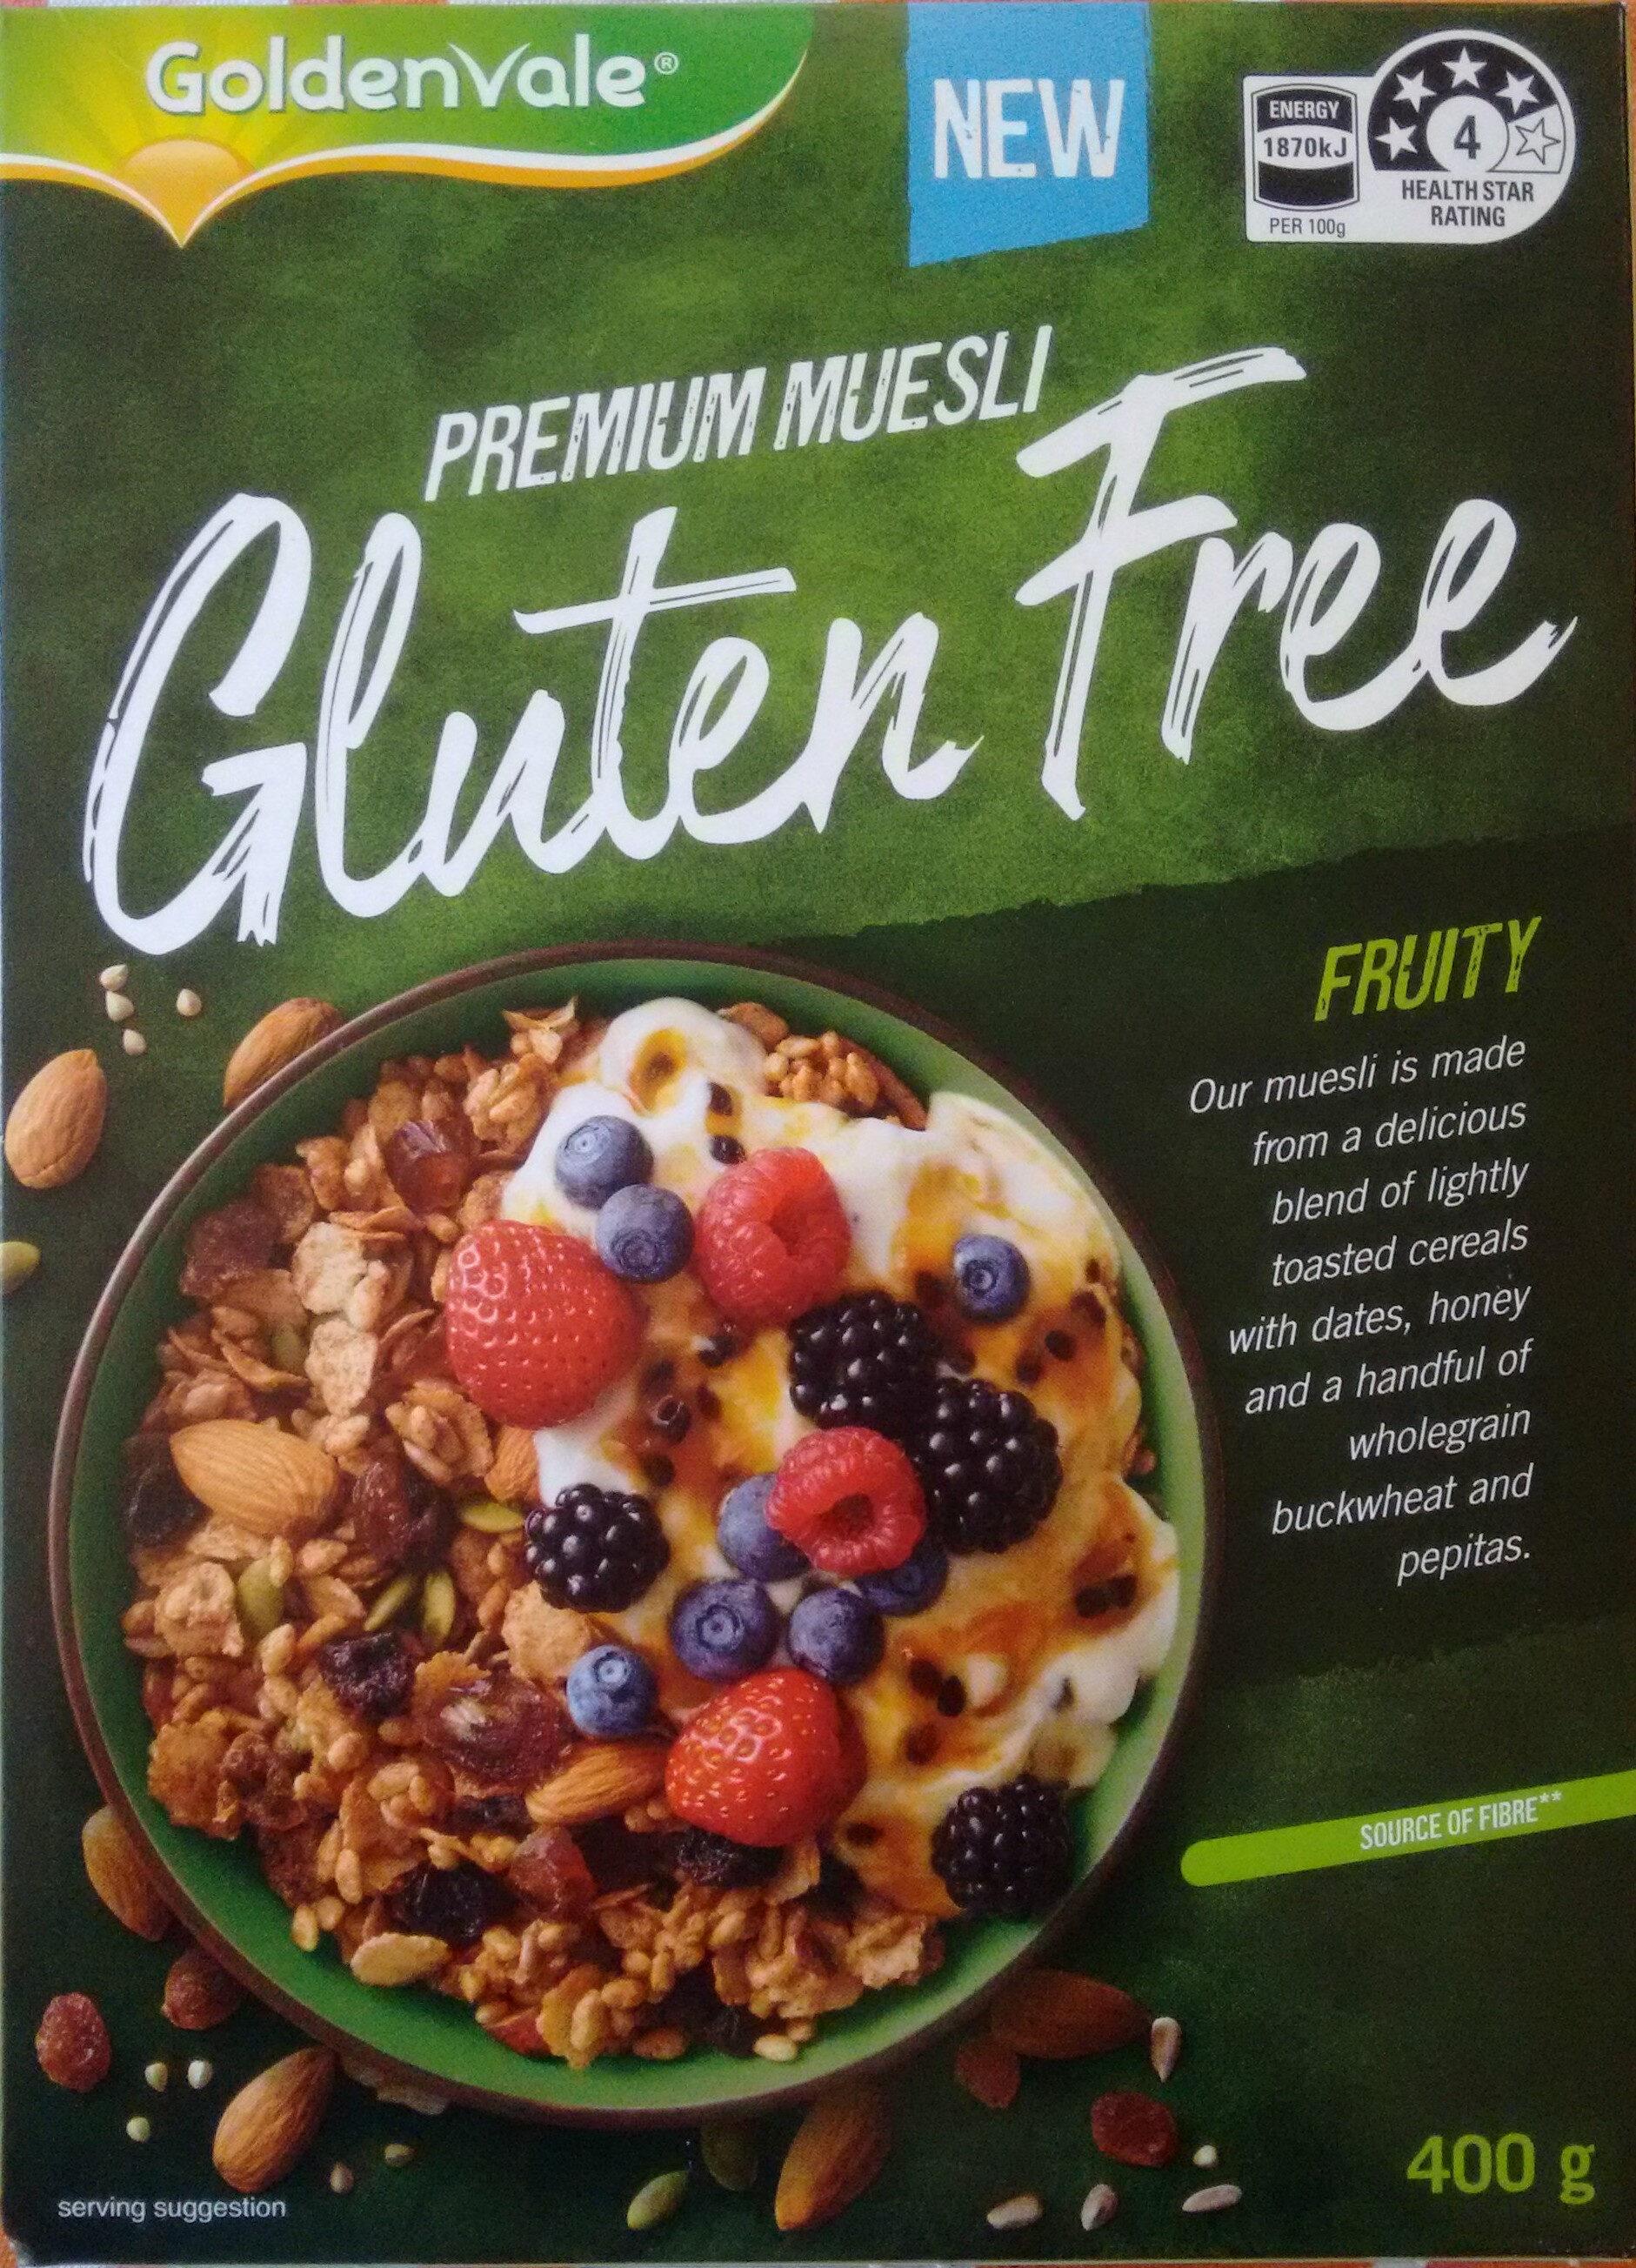 Fruity Gluten Free Muesli - Product - en